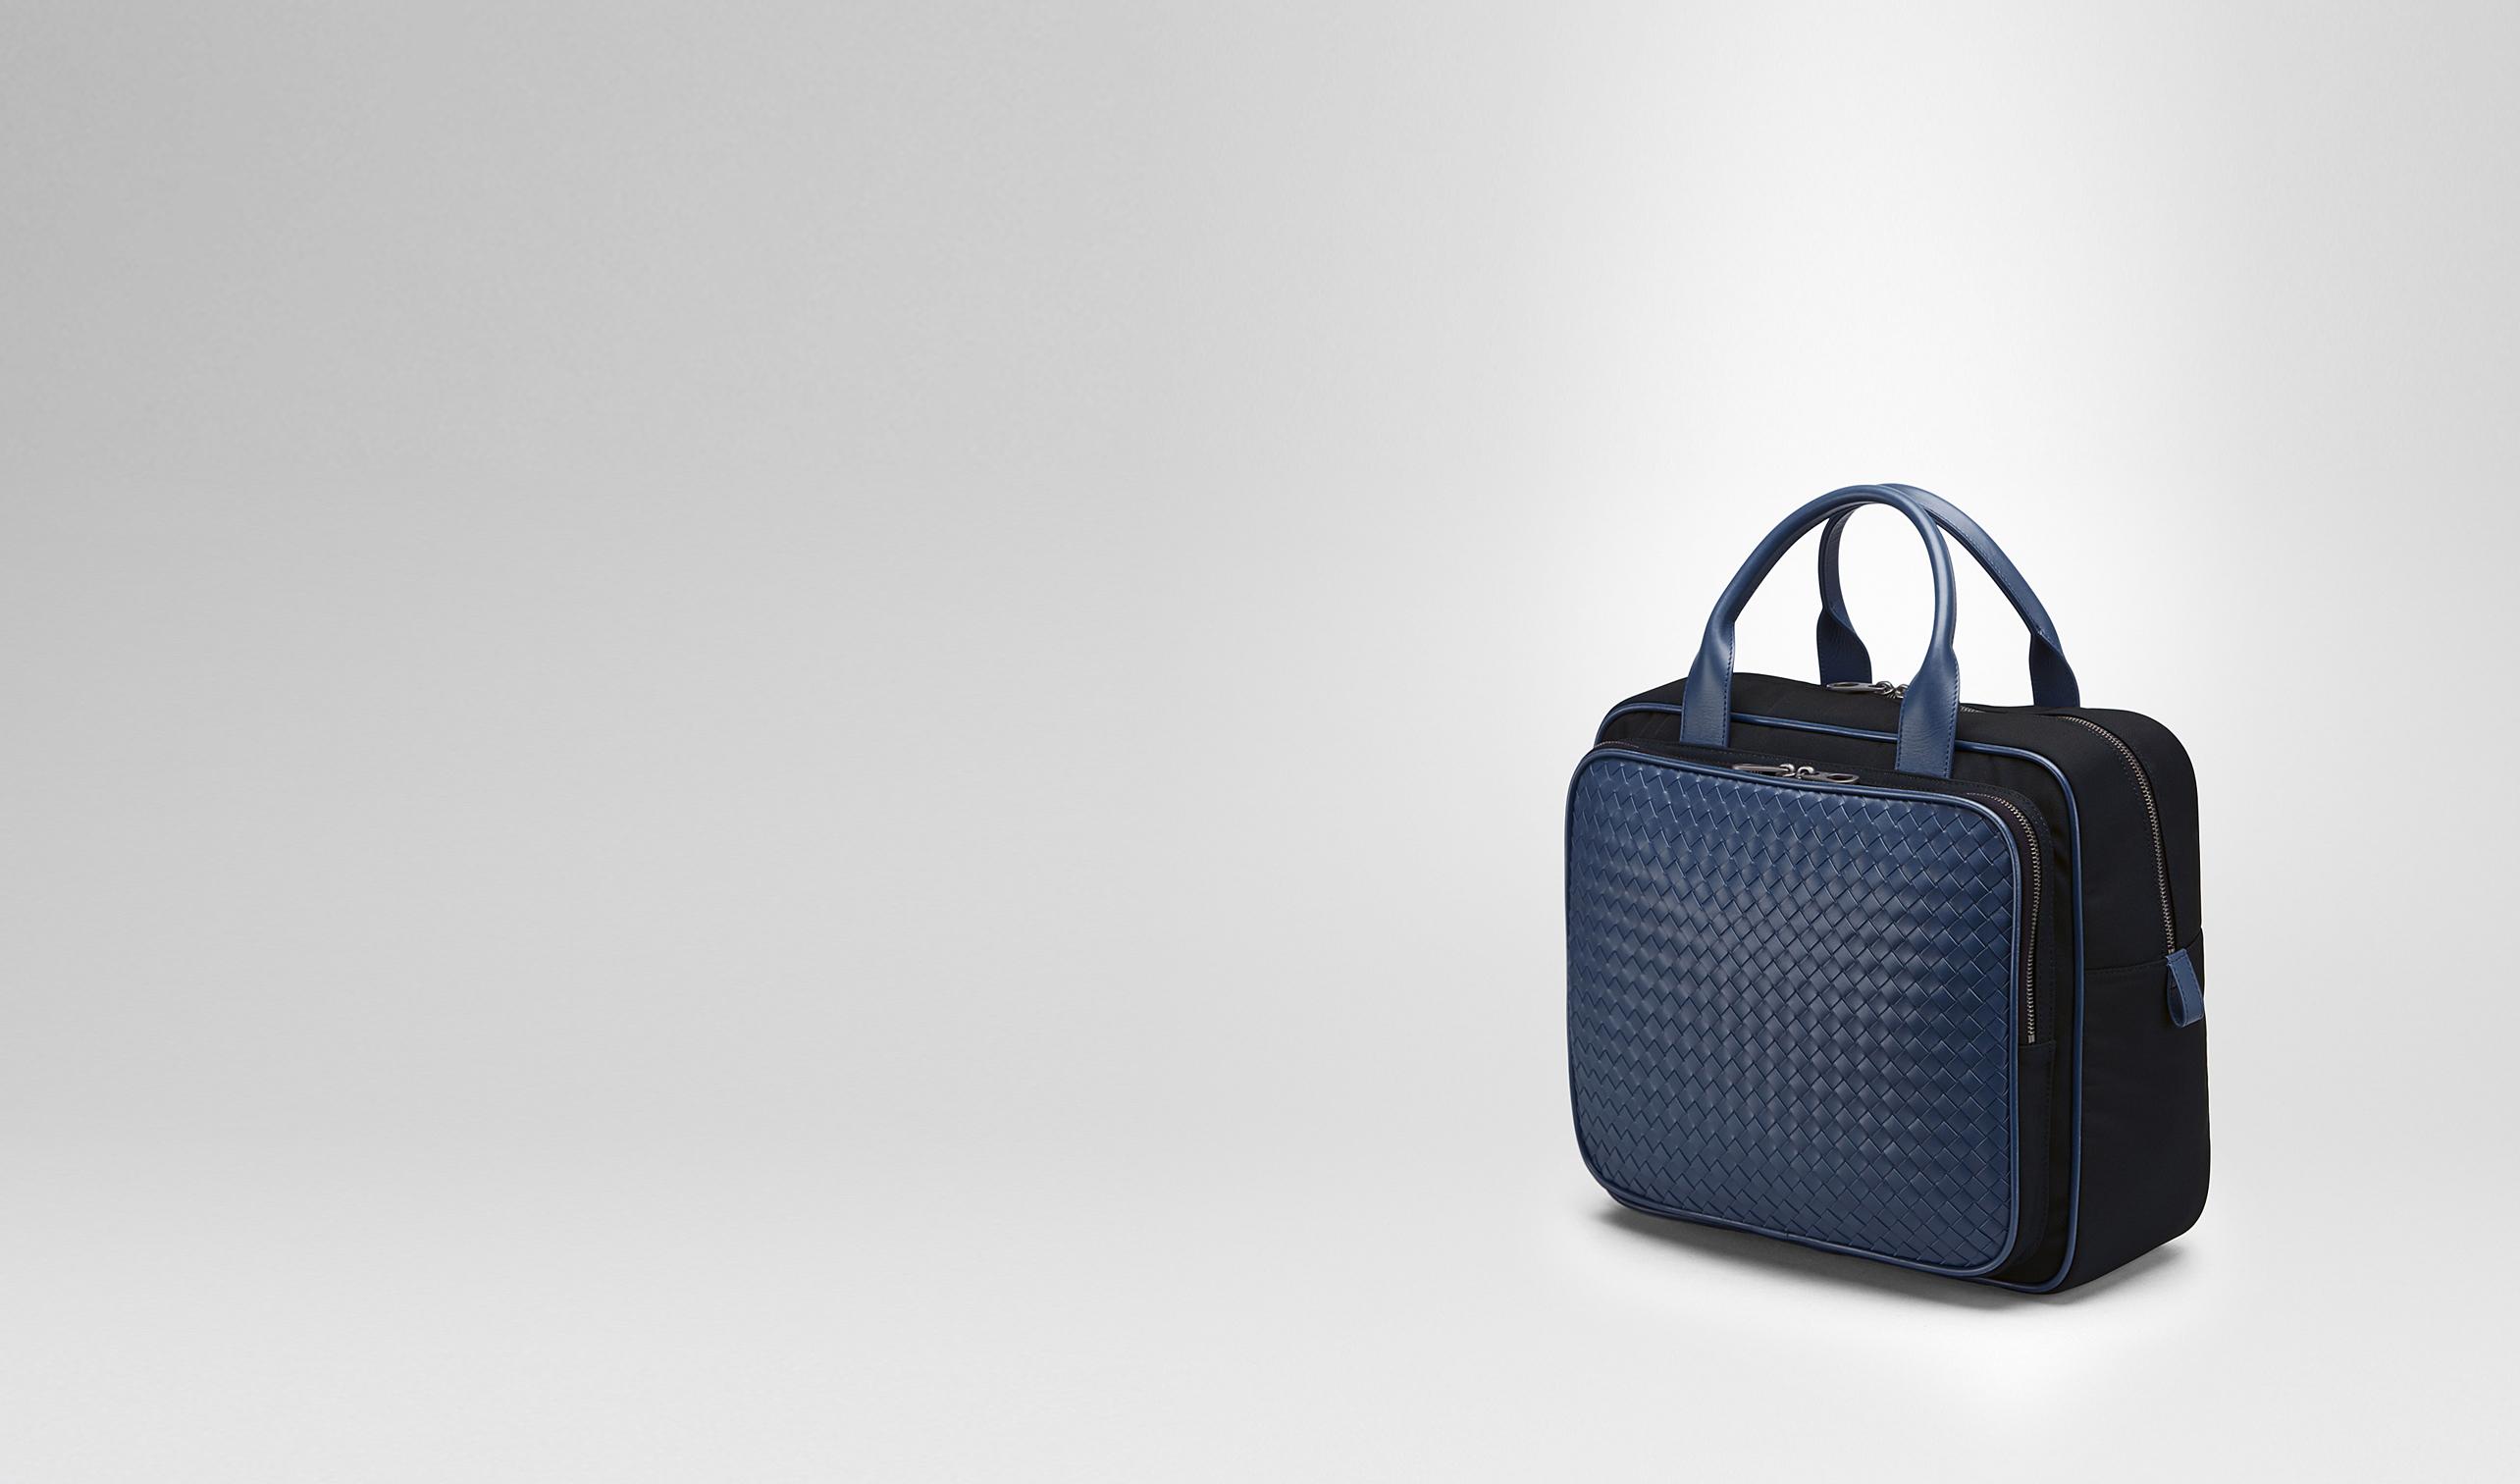 Bottega Veneta® - TRAVEL BAG IN TOURMALINE TECHNICAL CANVAS AND PACIFIC  INTRECCIATO CALF  62d73db2e9fb0